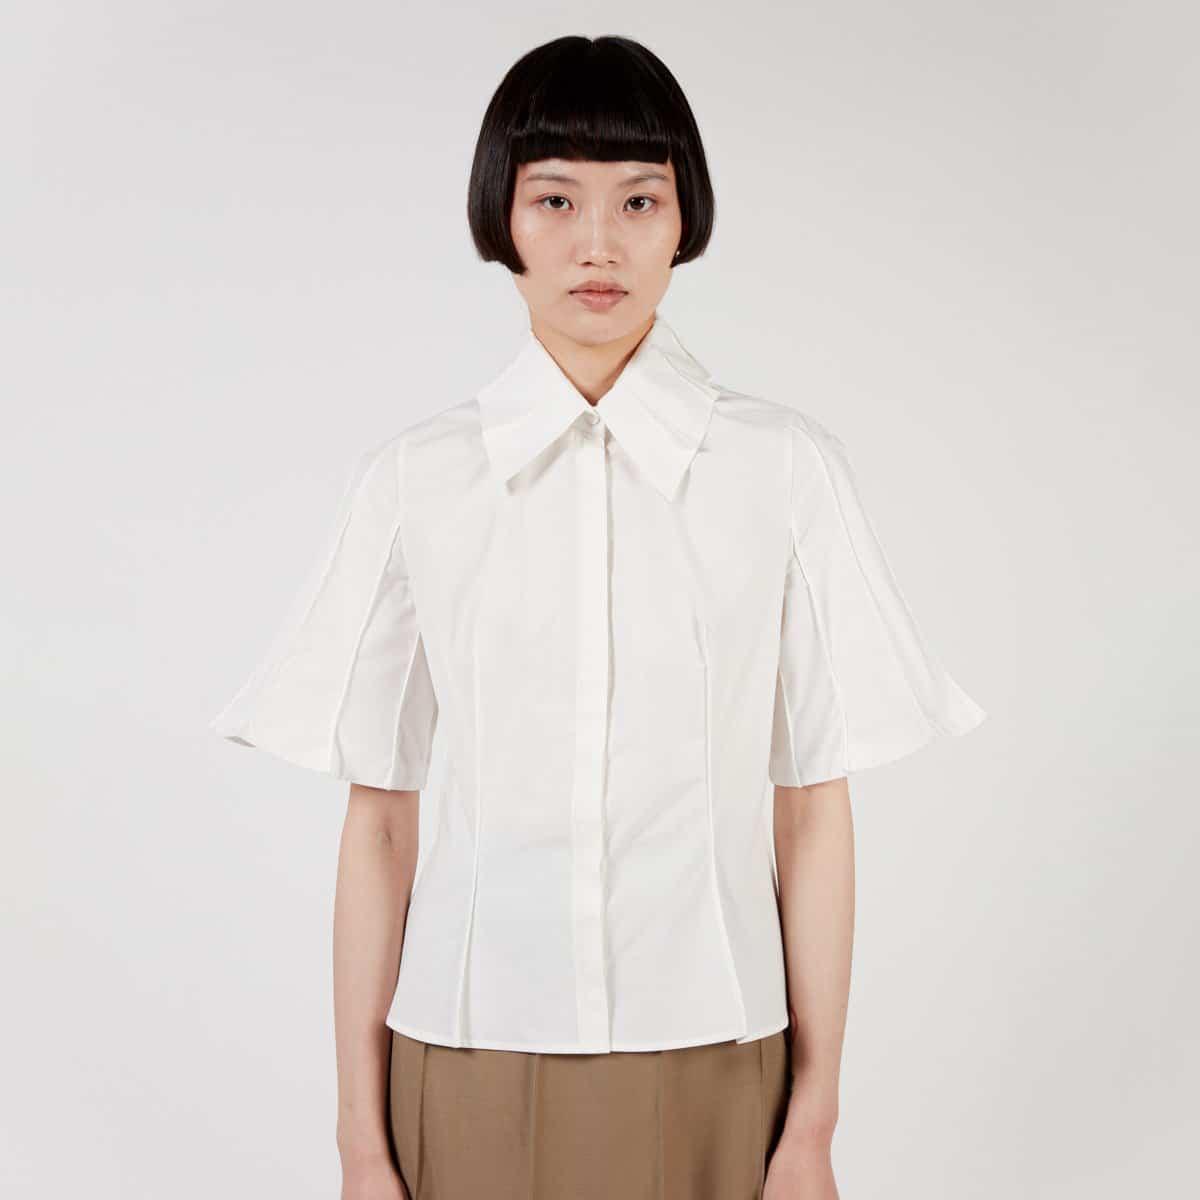 J.Kim Roof Shirt